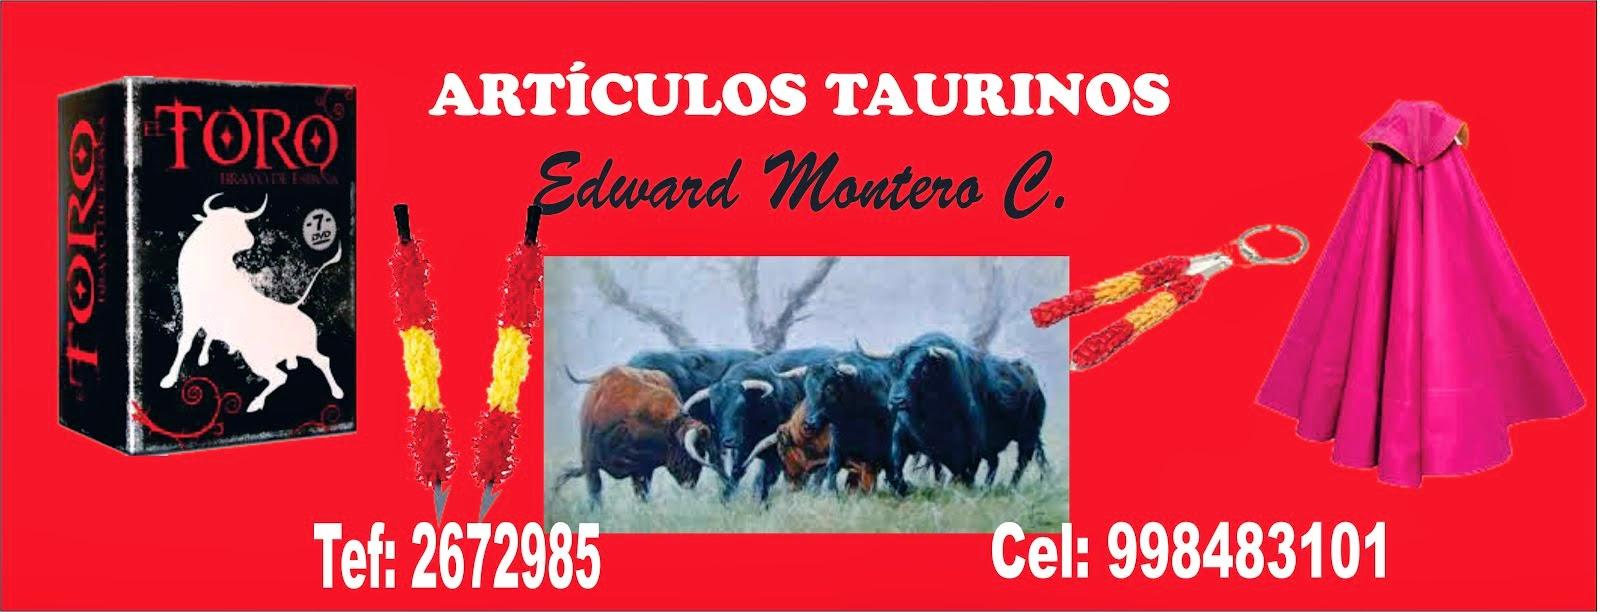 ARTÍCULOS TAURINOS